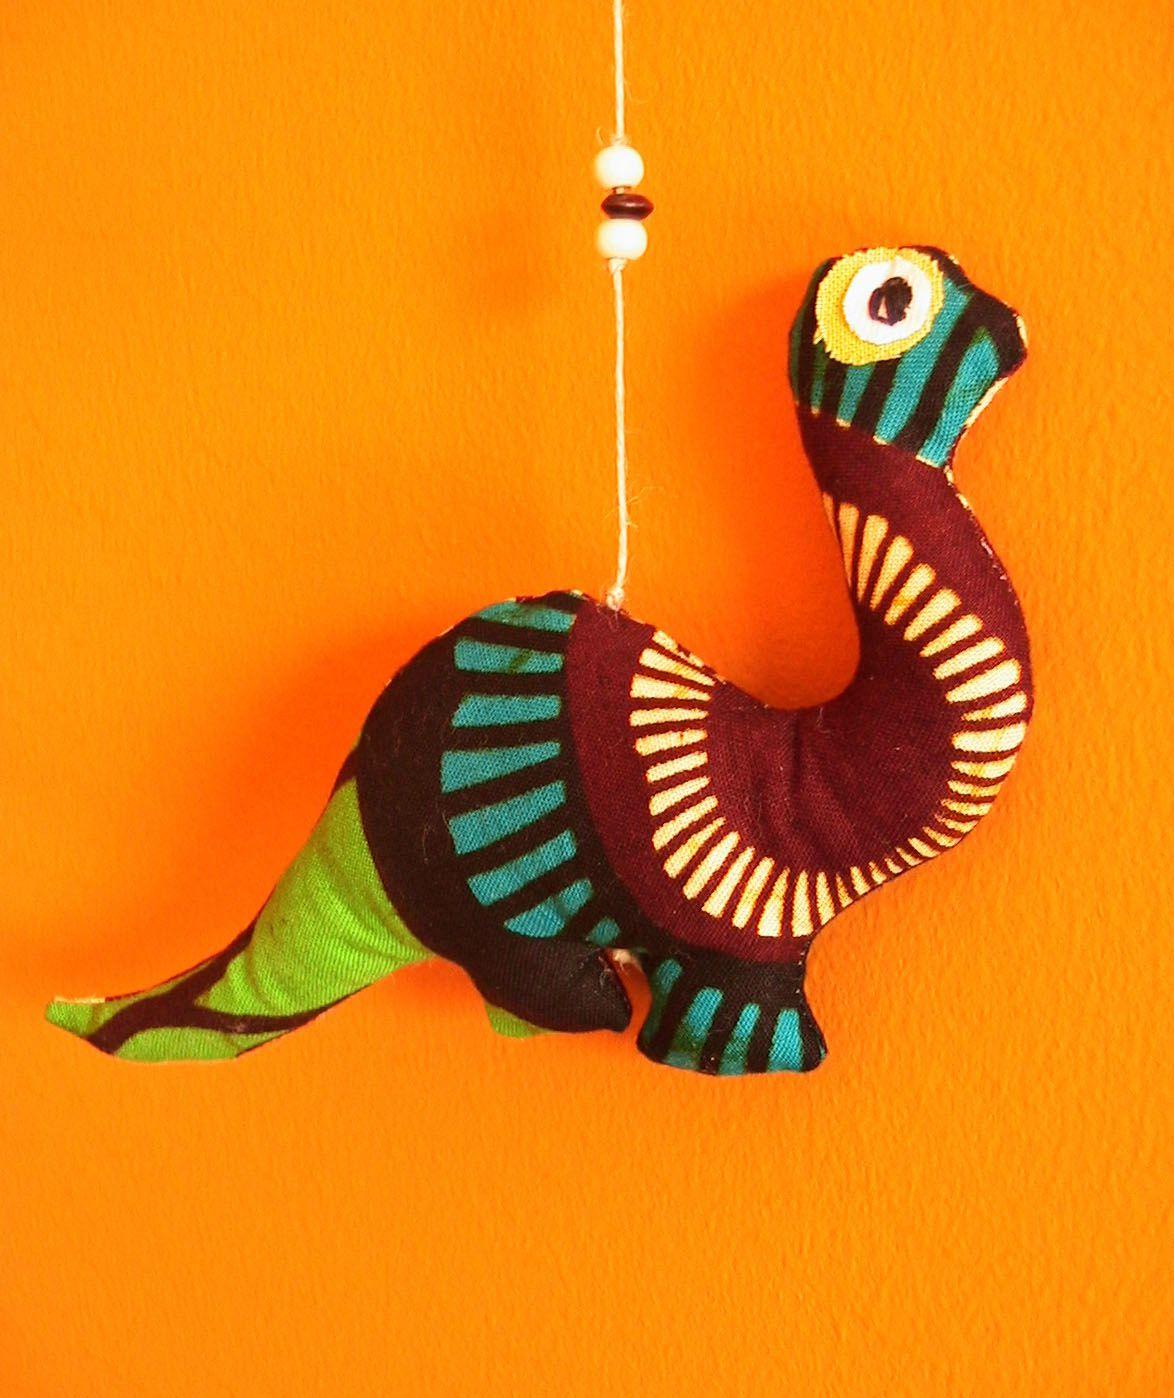 dinosaure diplodocus fond orange